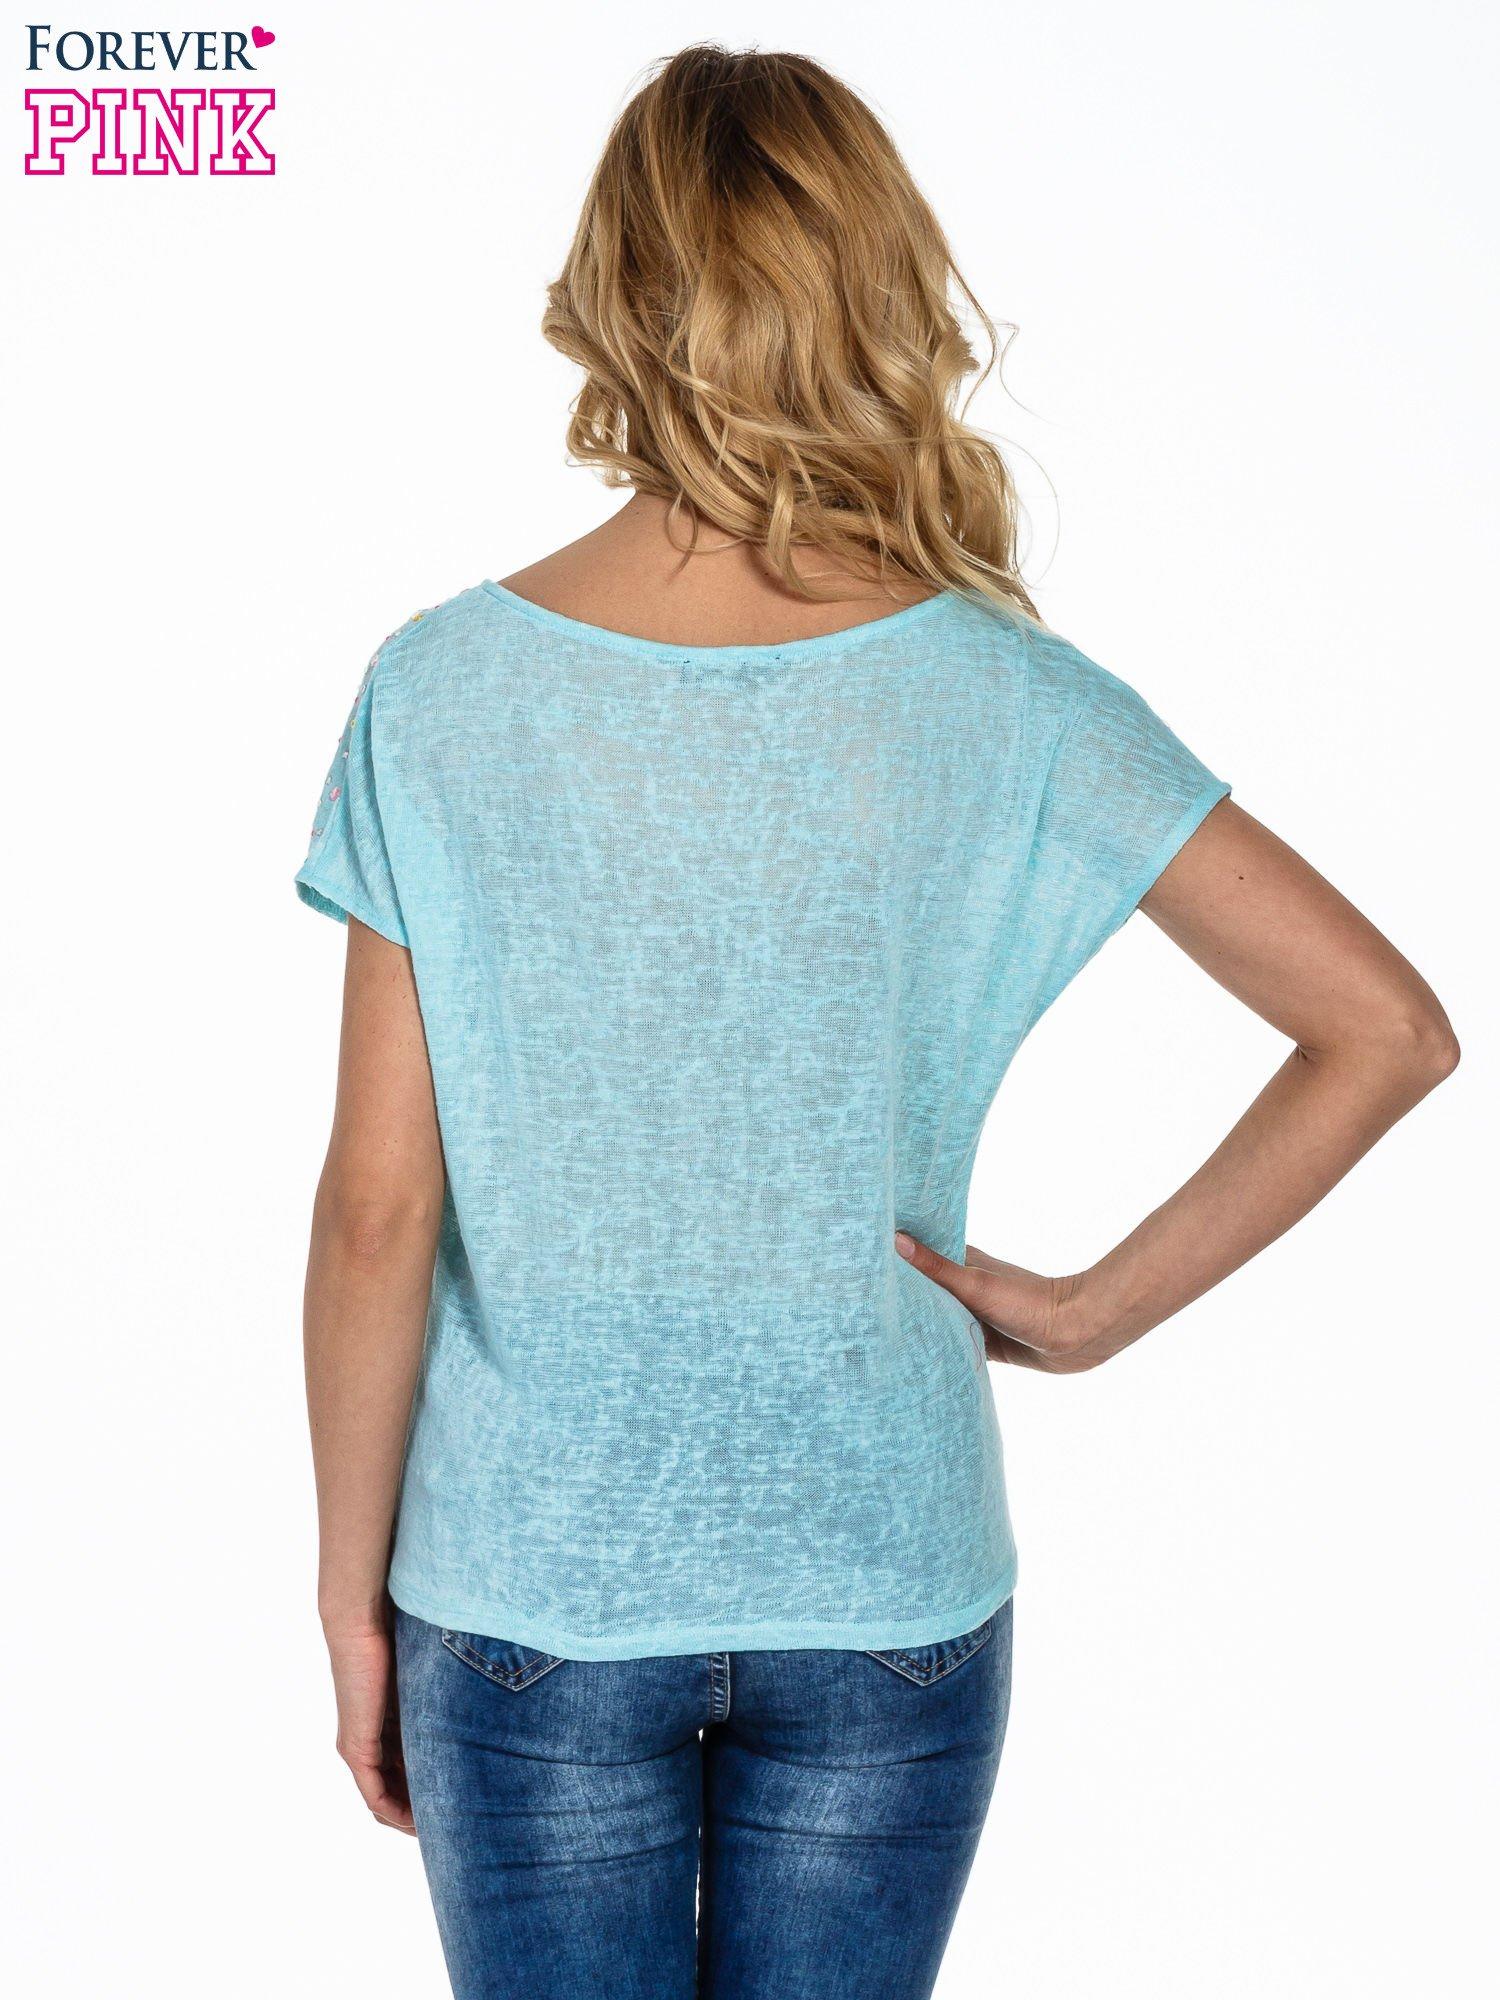 Miętowy t-shirt z węzłem zdobiony kryształkami                                  zdj.                                  4